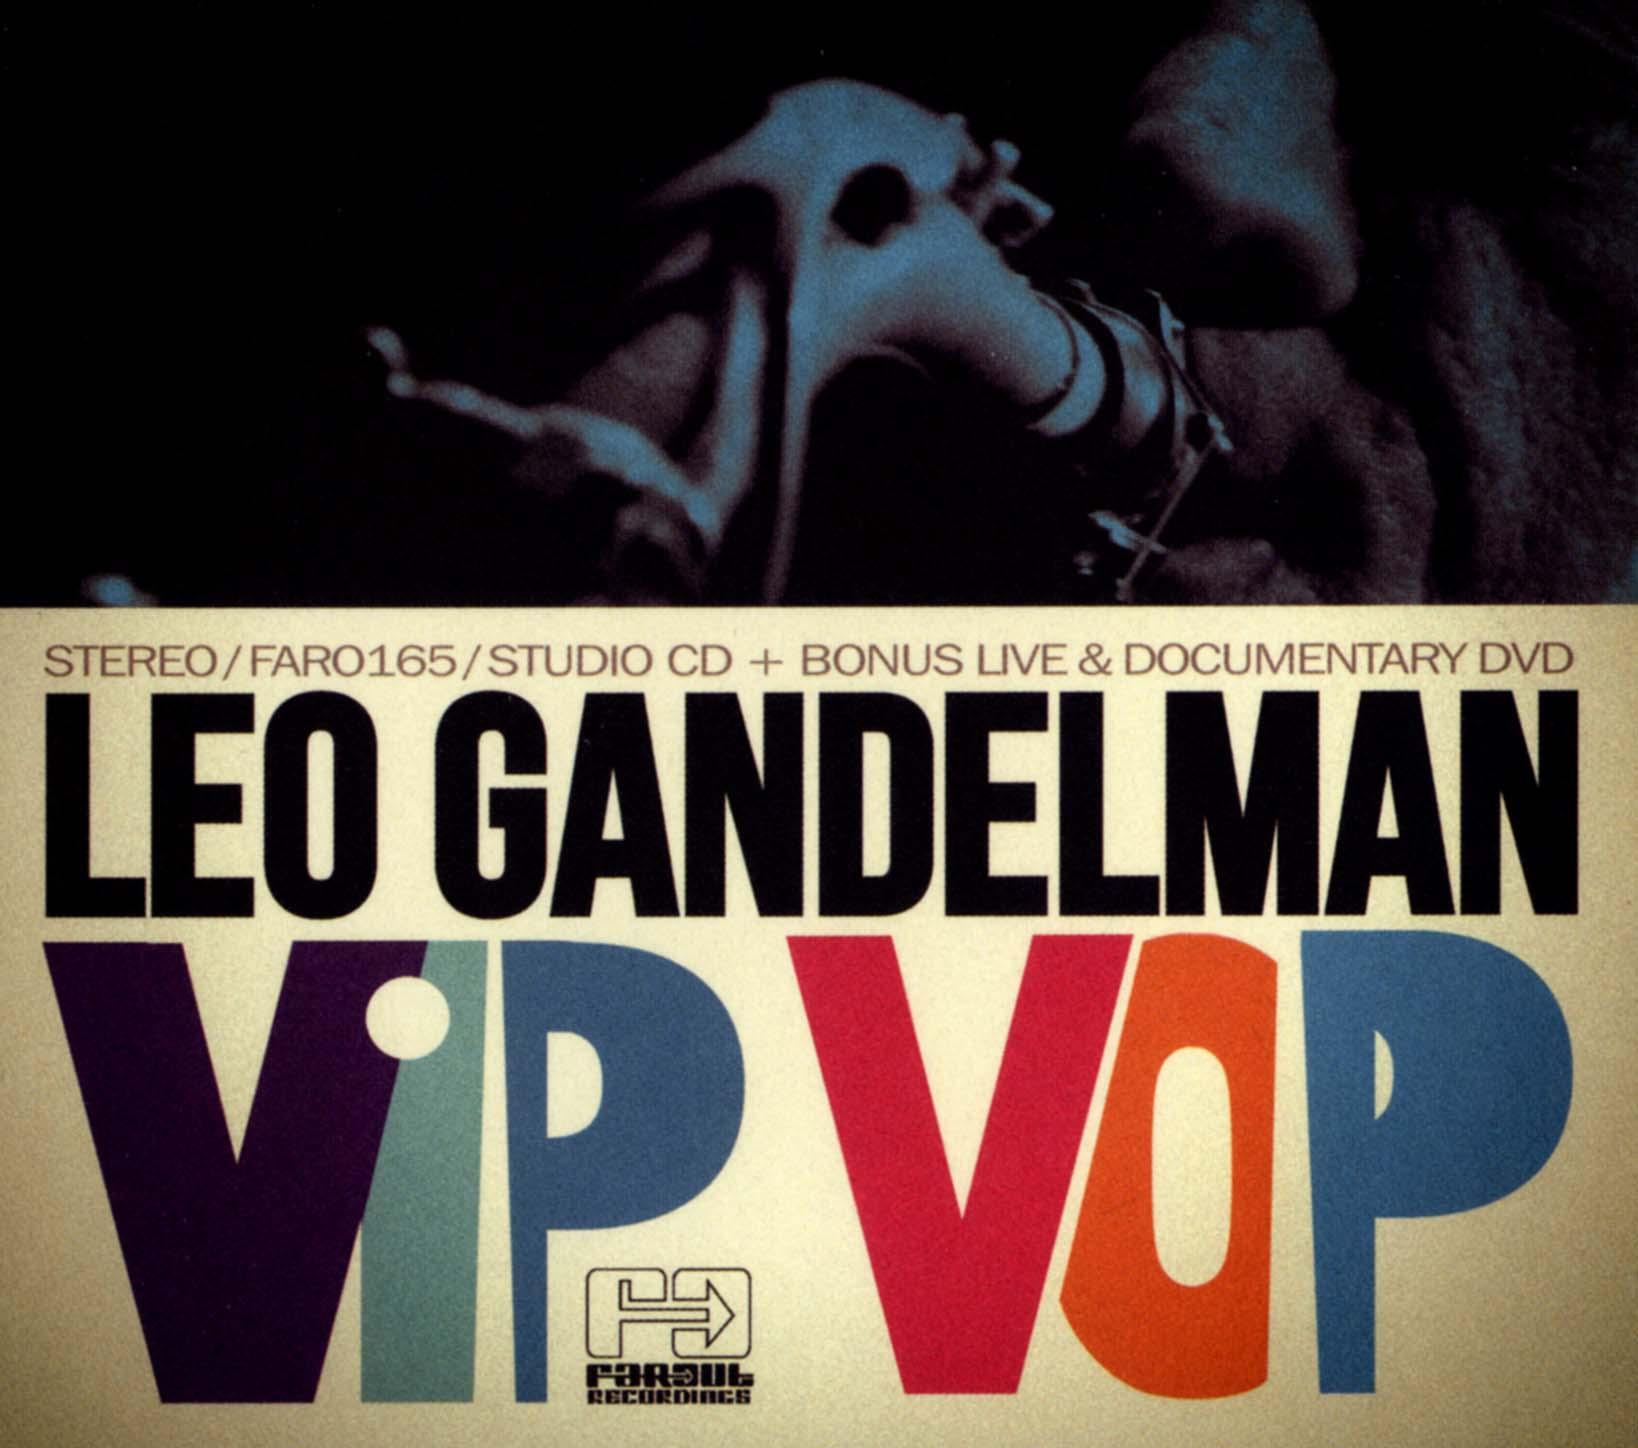 Leo Gandelman: Vip Vop